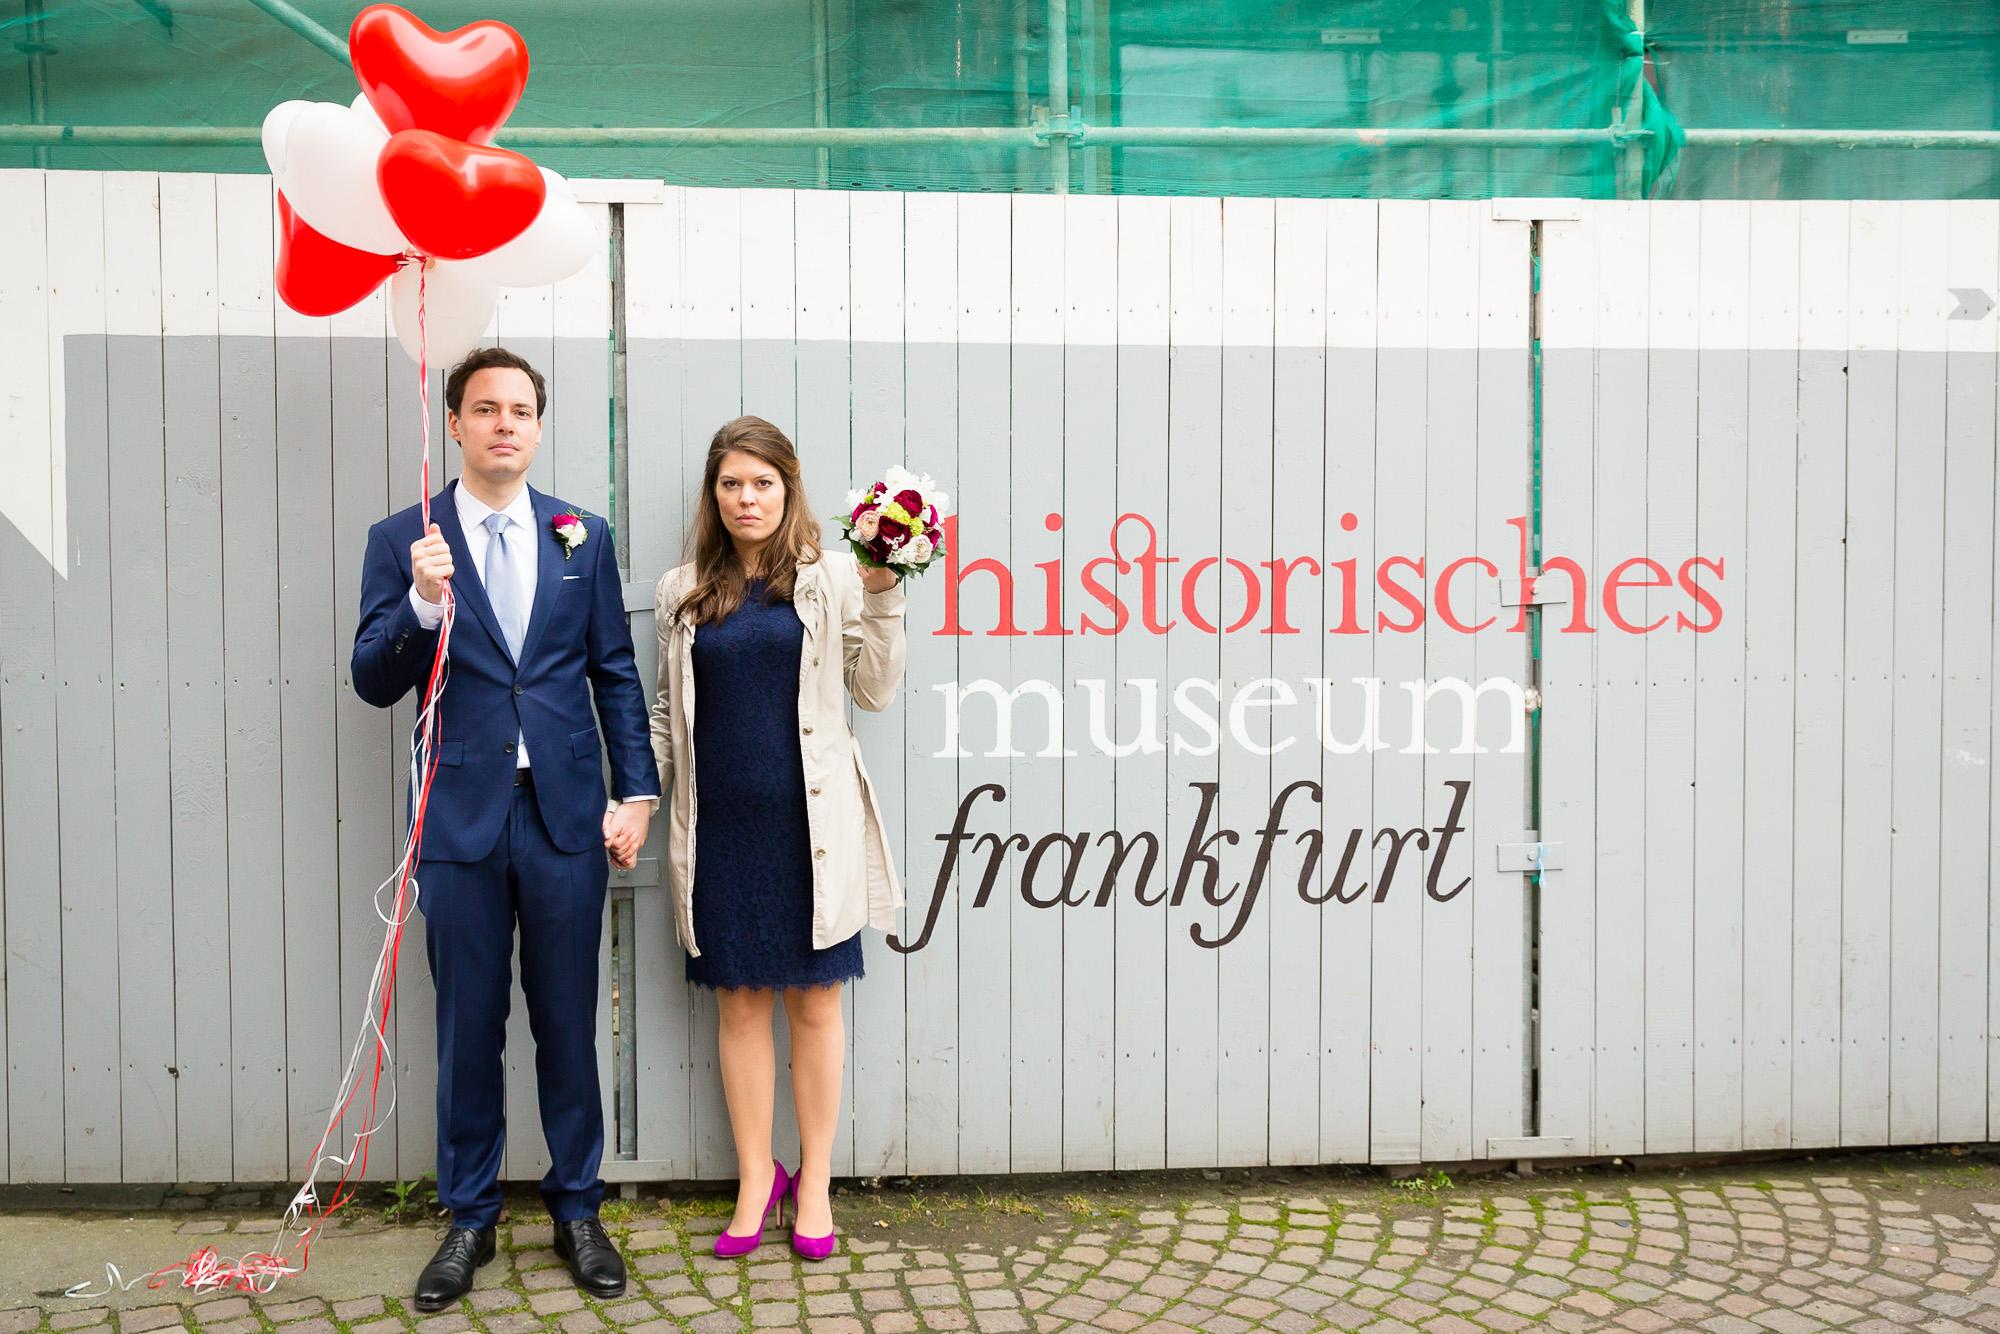 standesamtliche Trauung im Frankfurter Römer, Frankfurt am Main | © Andreas Bender